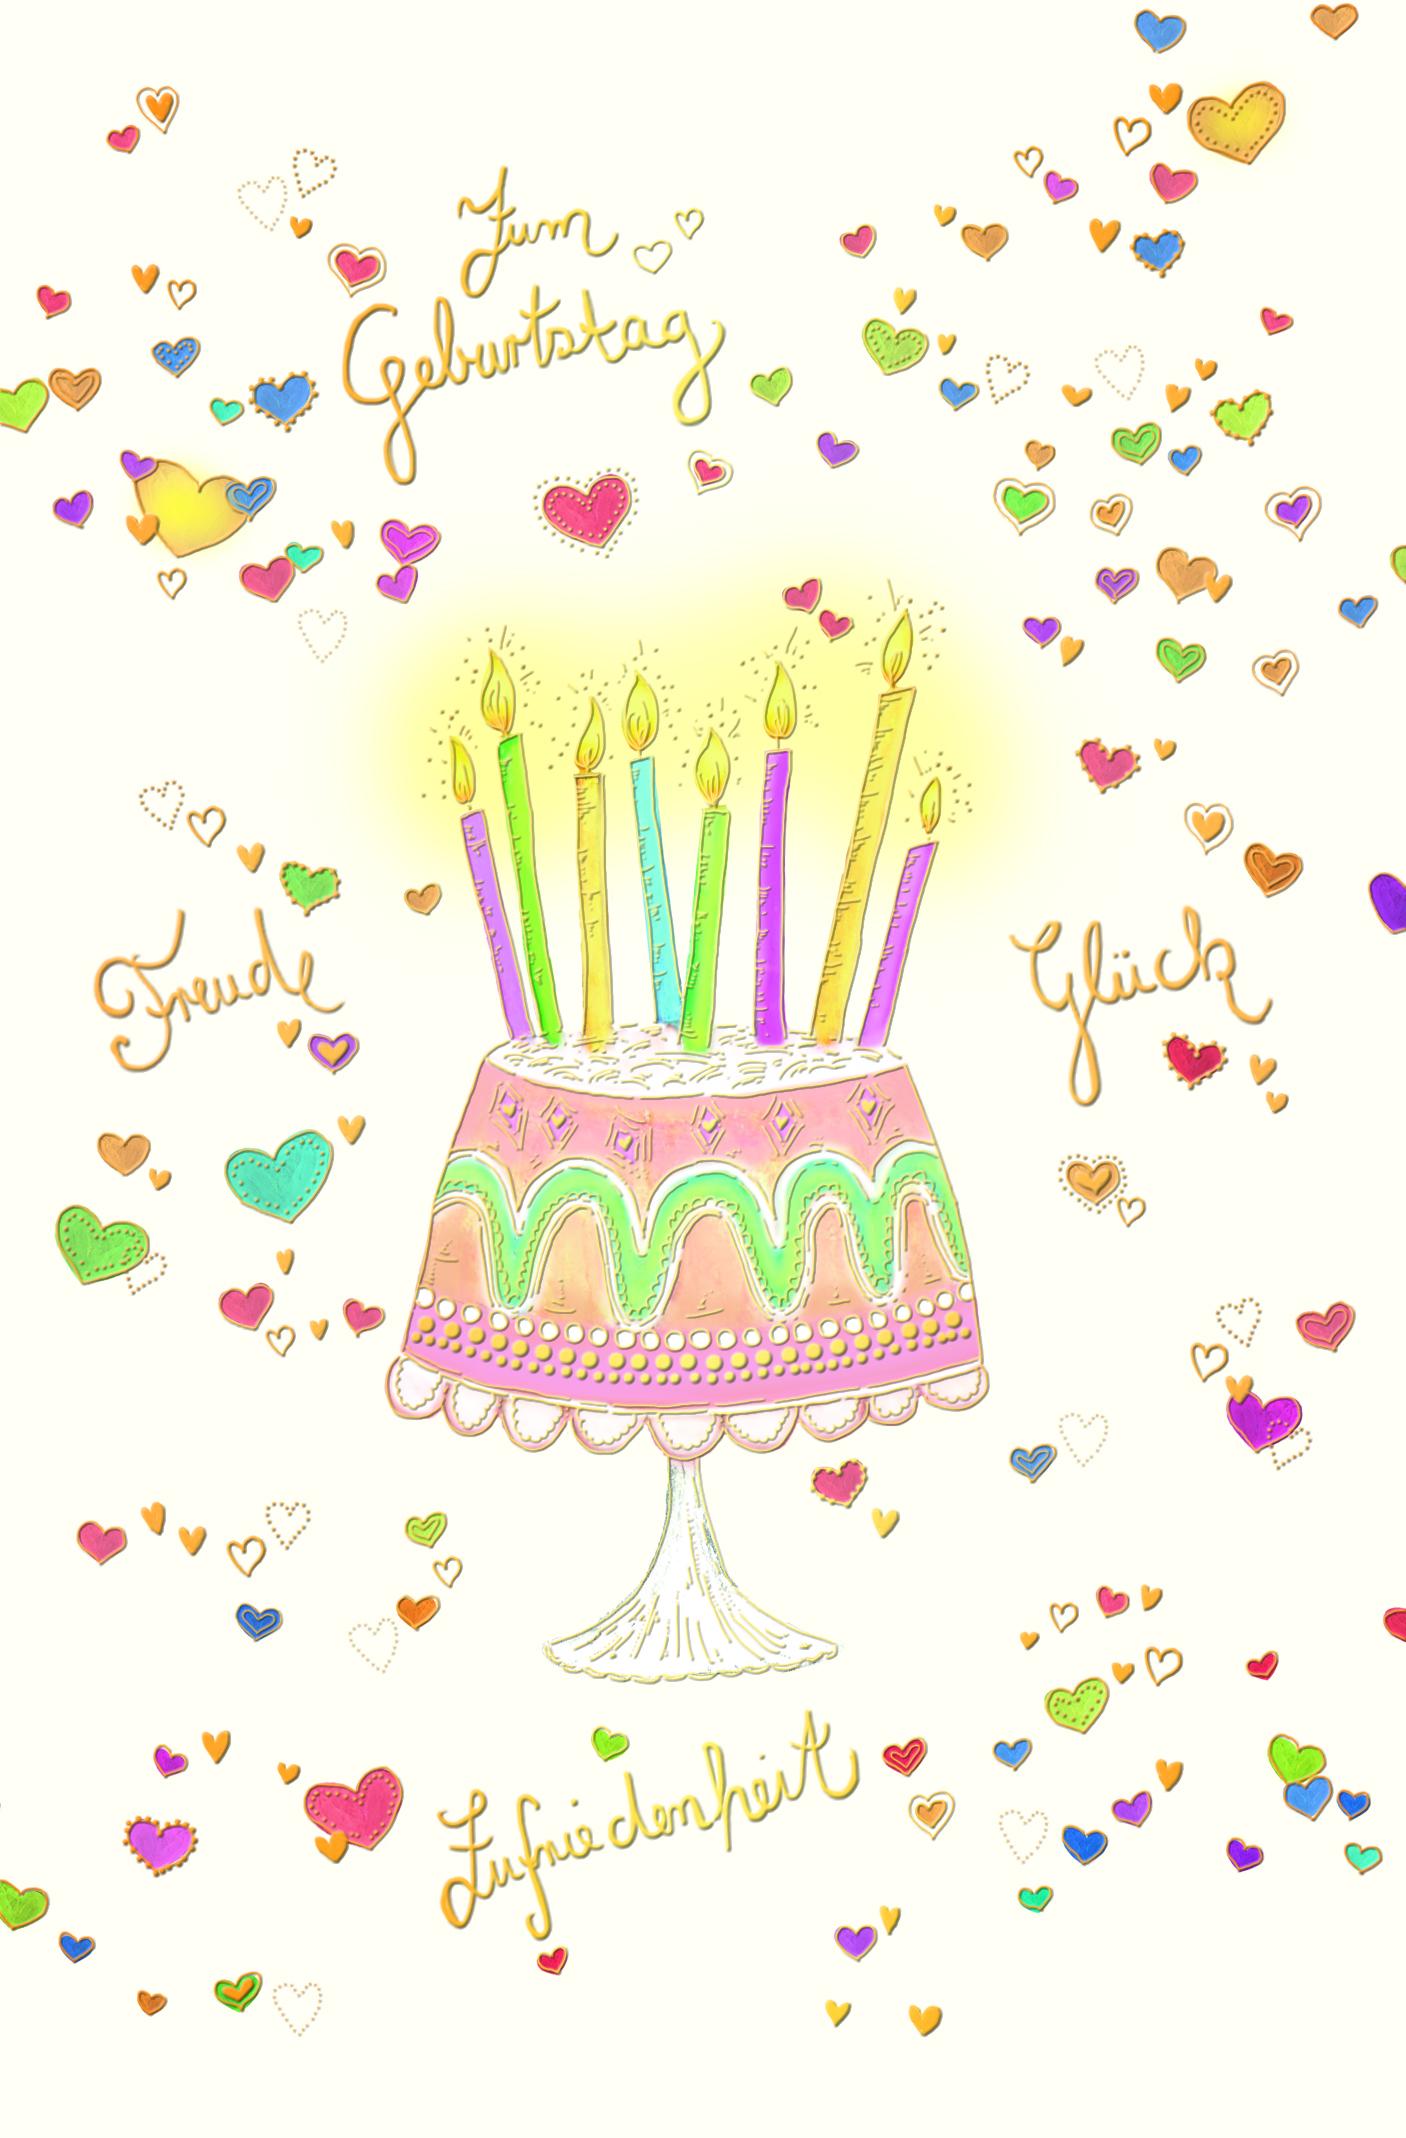 Zum Geburtstag Freude,Glück,Zufriedenh.